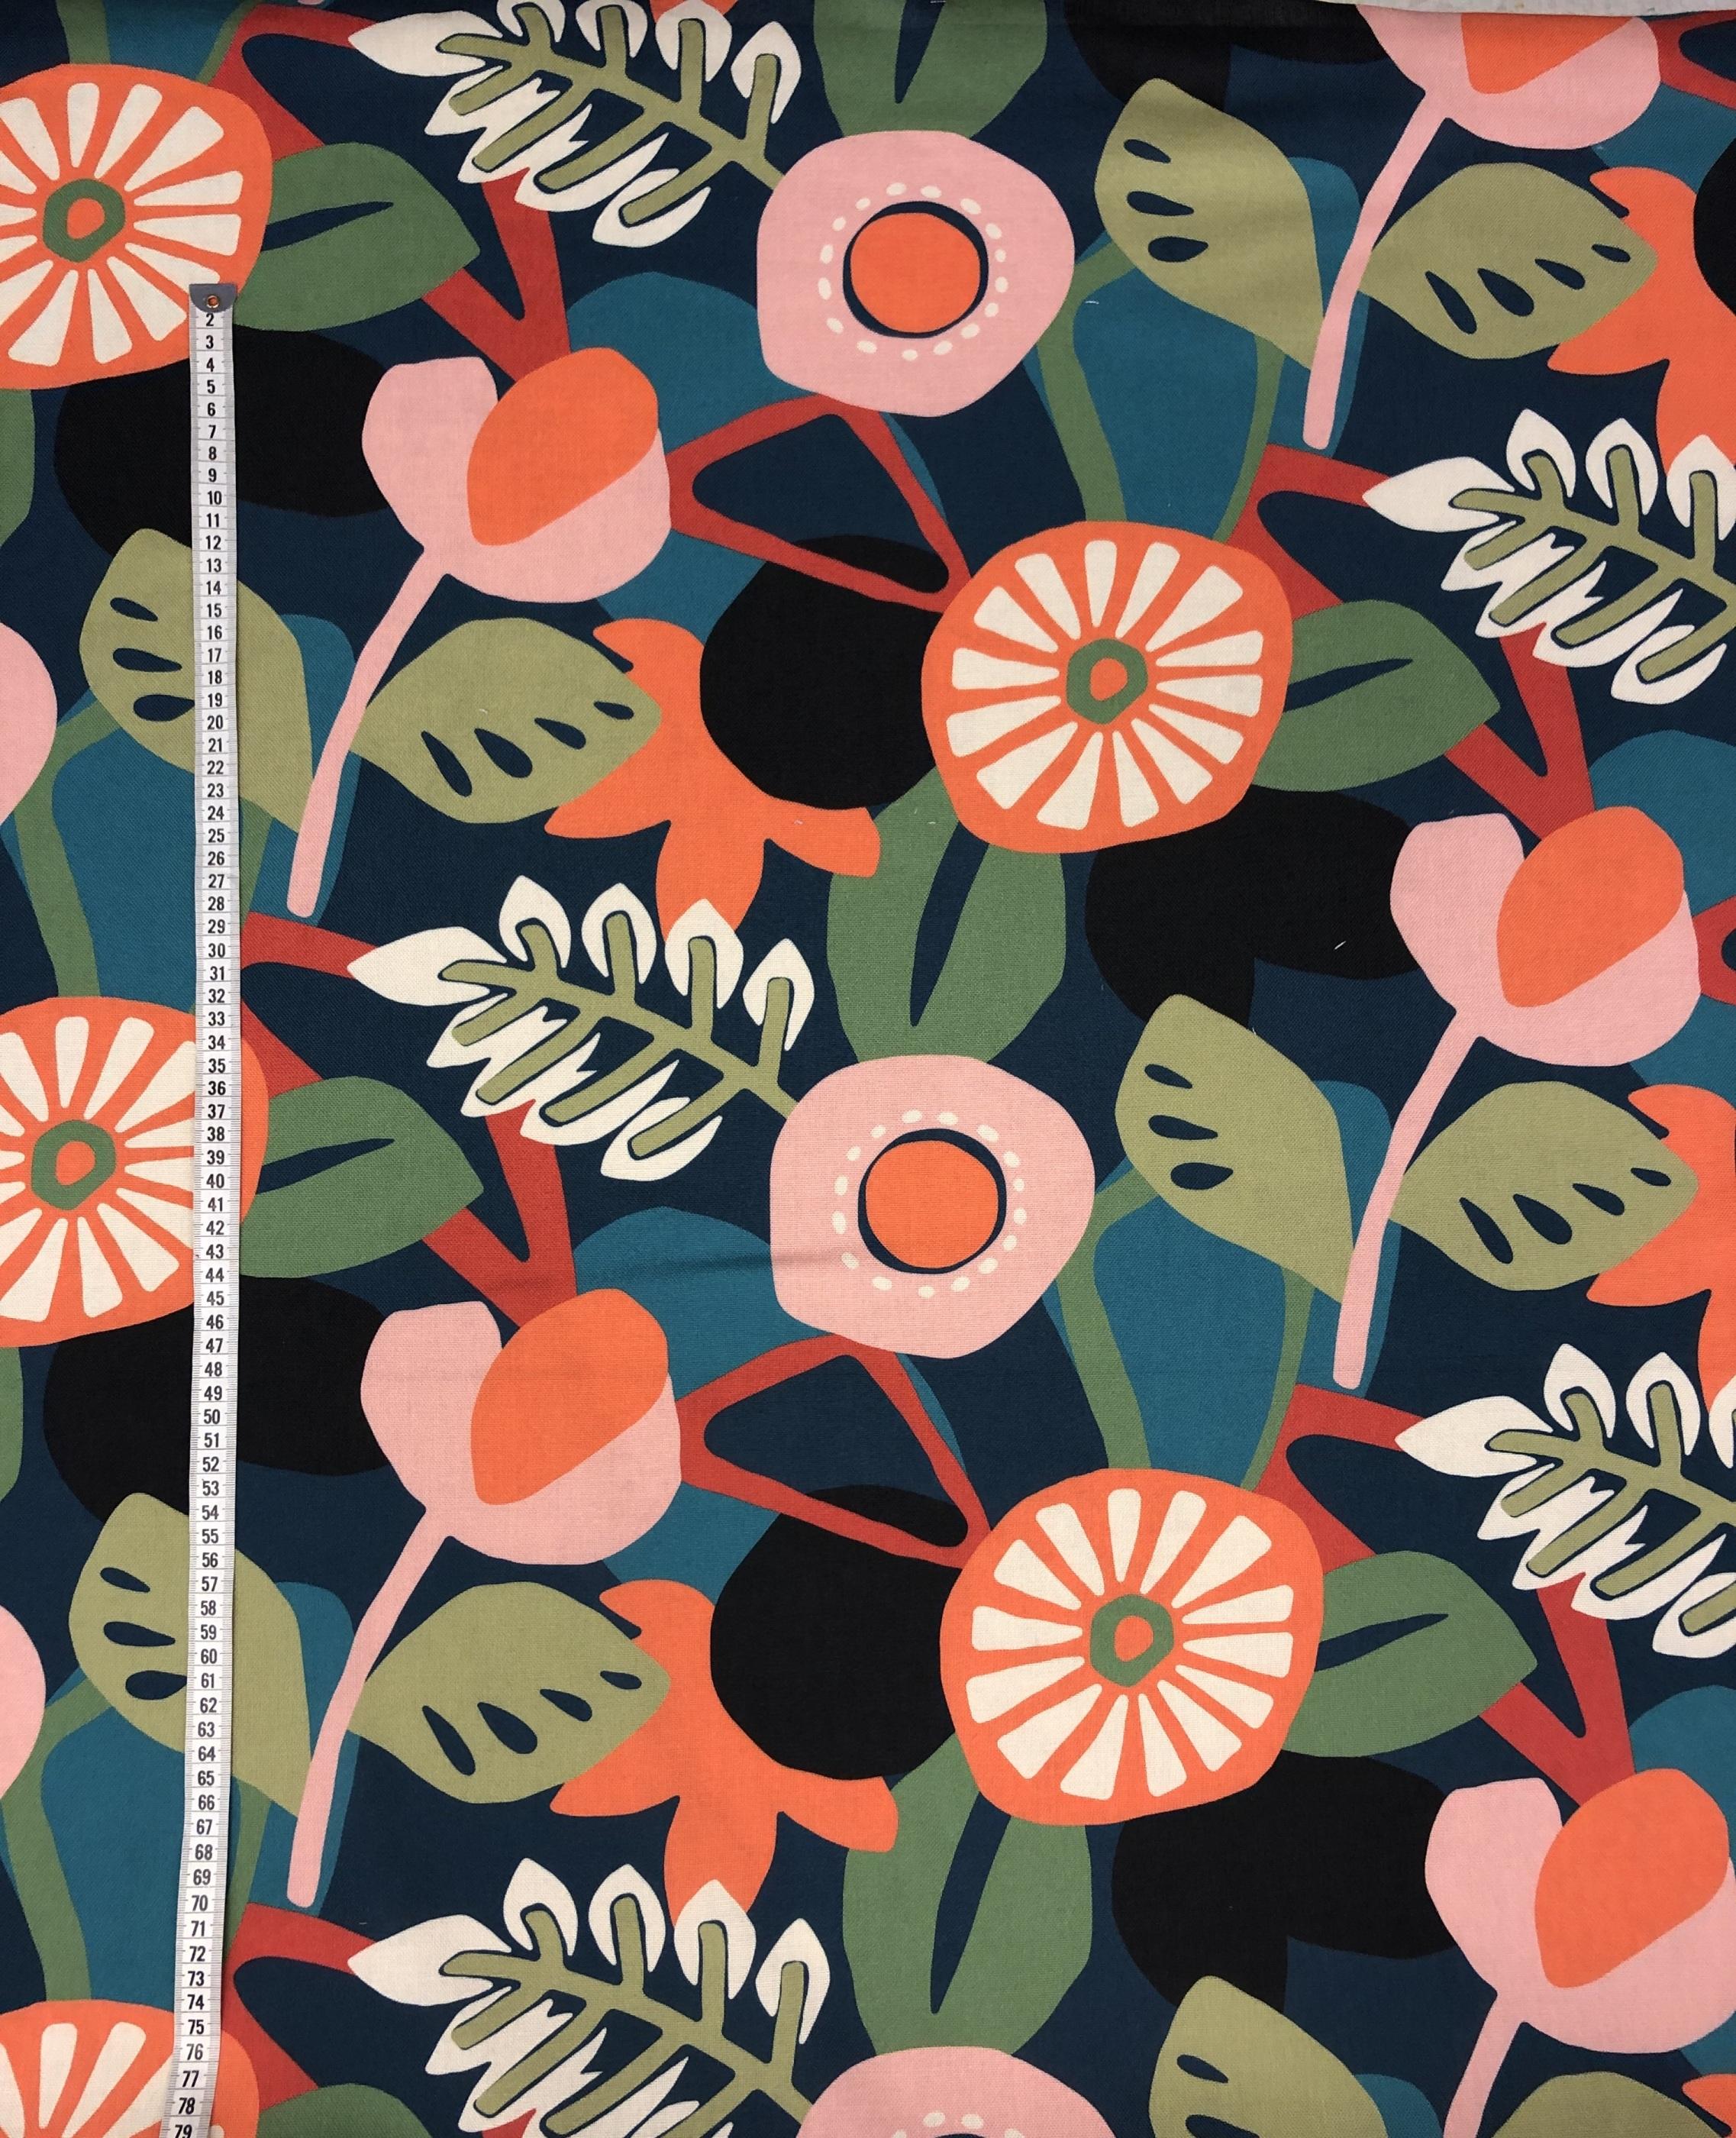 Blommor blad retro sommar somrig polyester hemtextil tyg metervara Tyglust Laholm